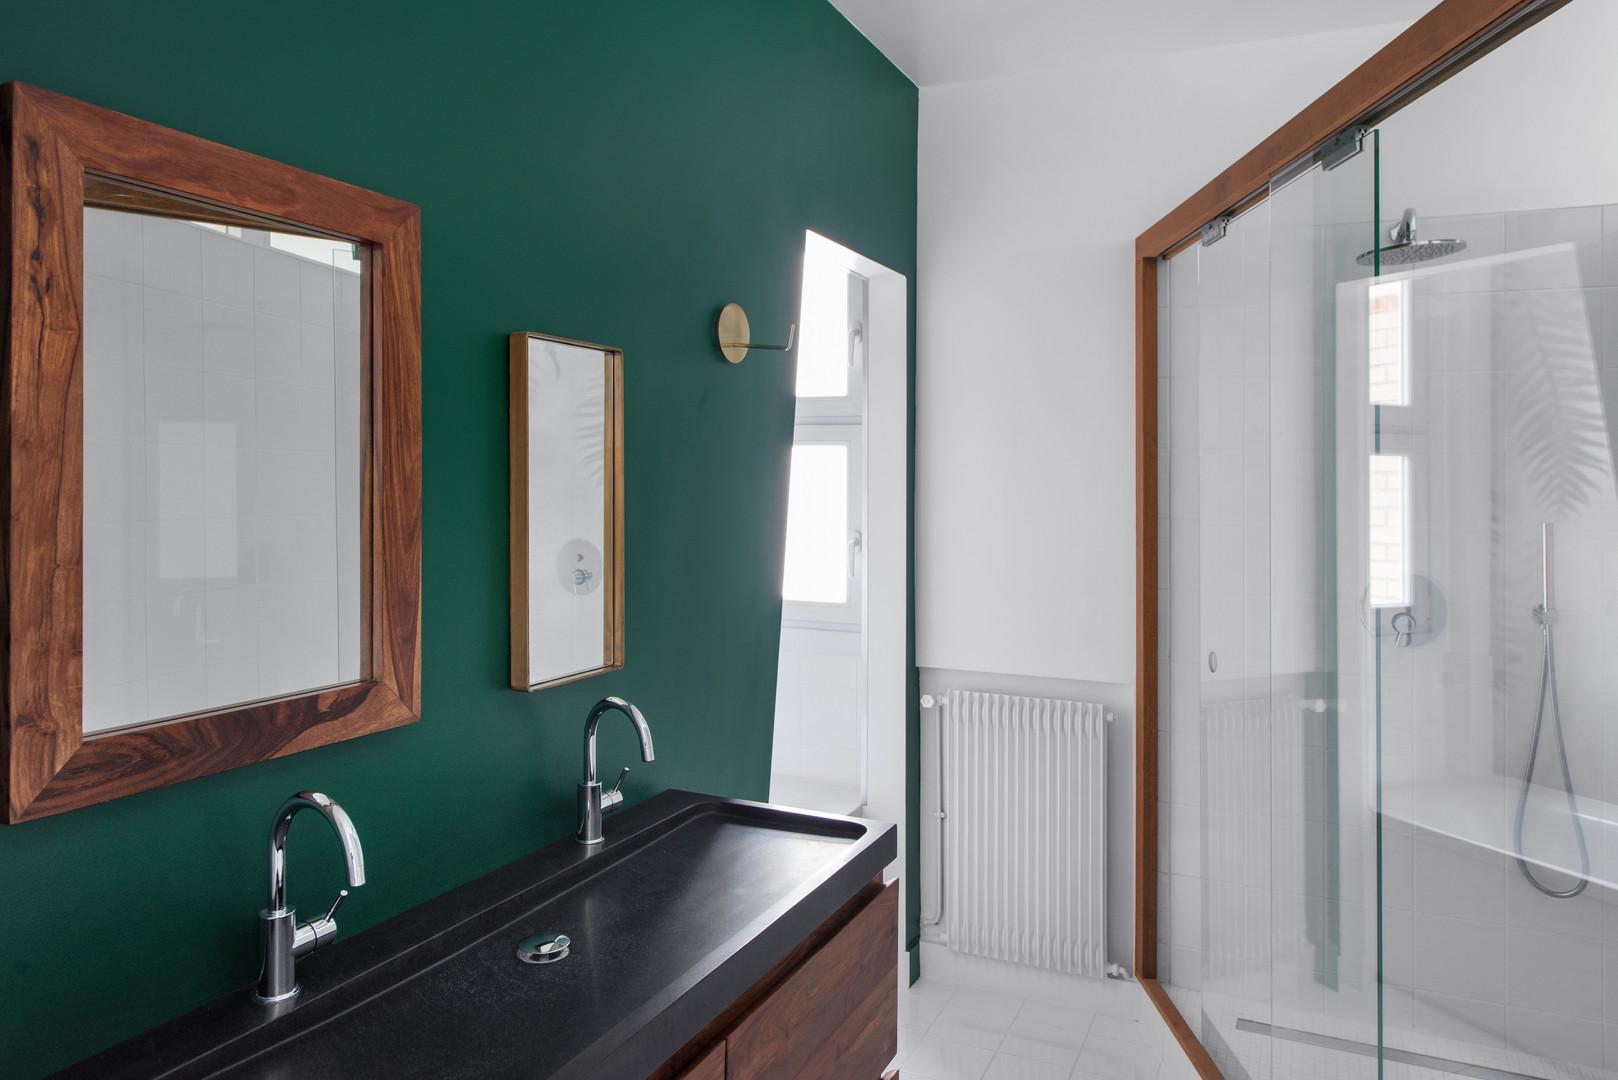 salle de bain